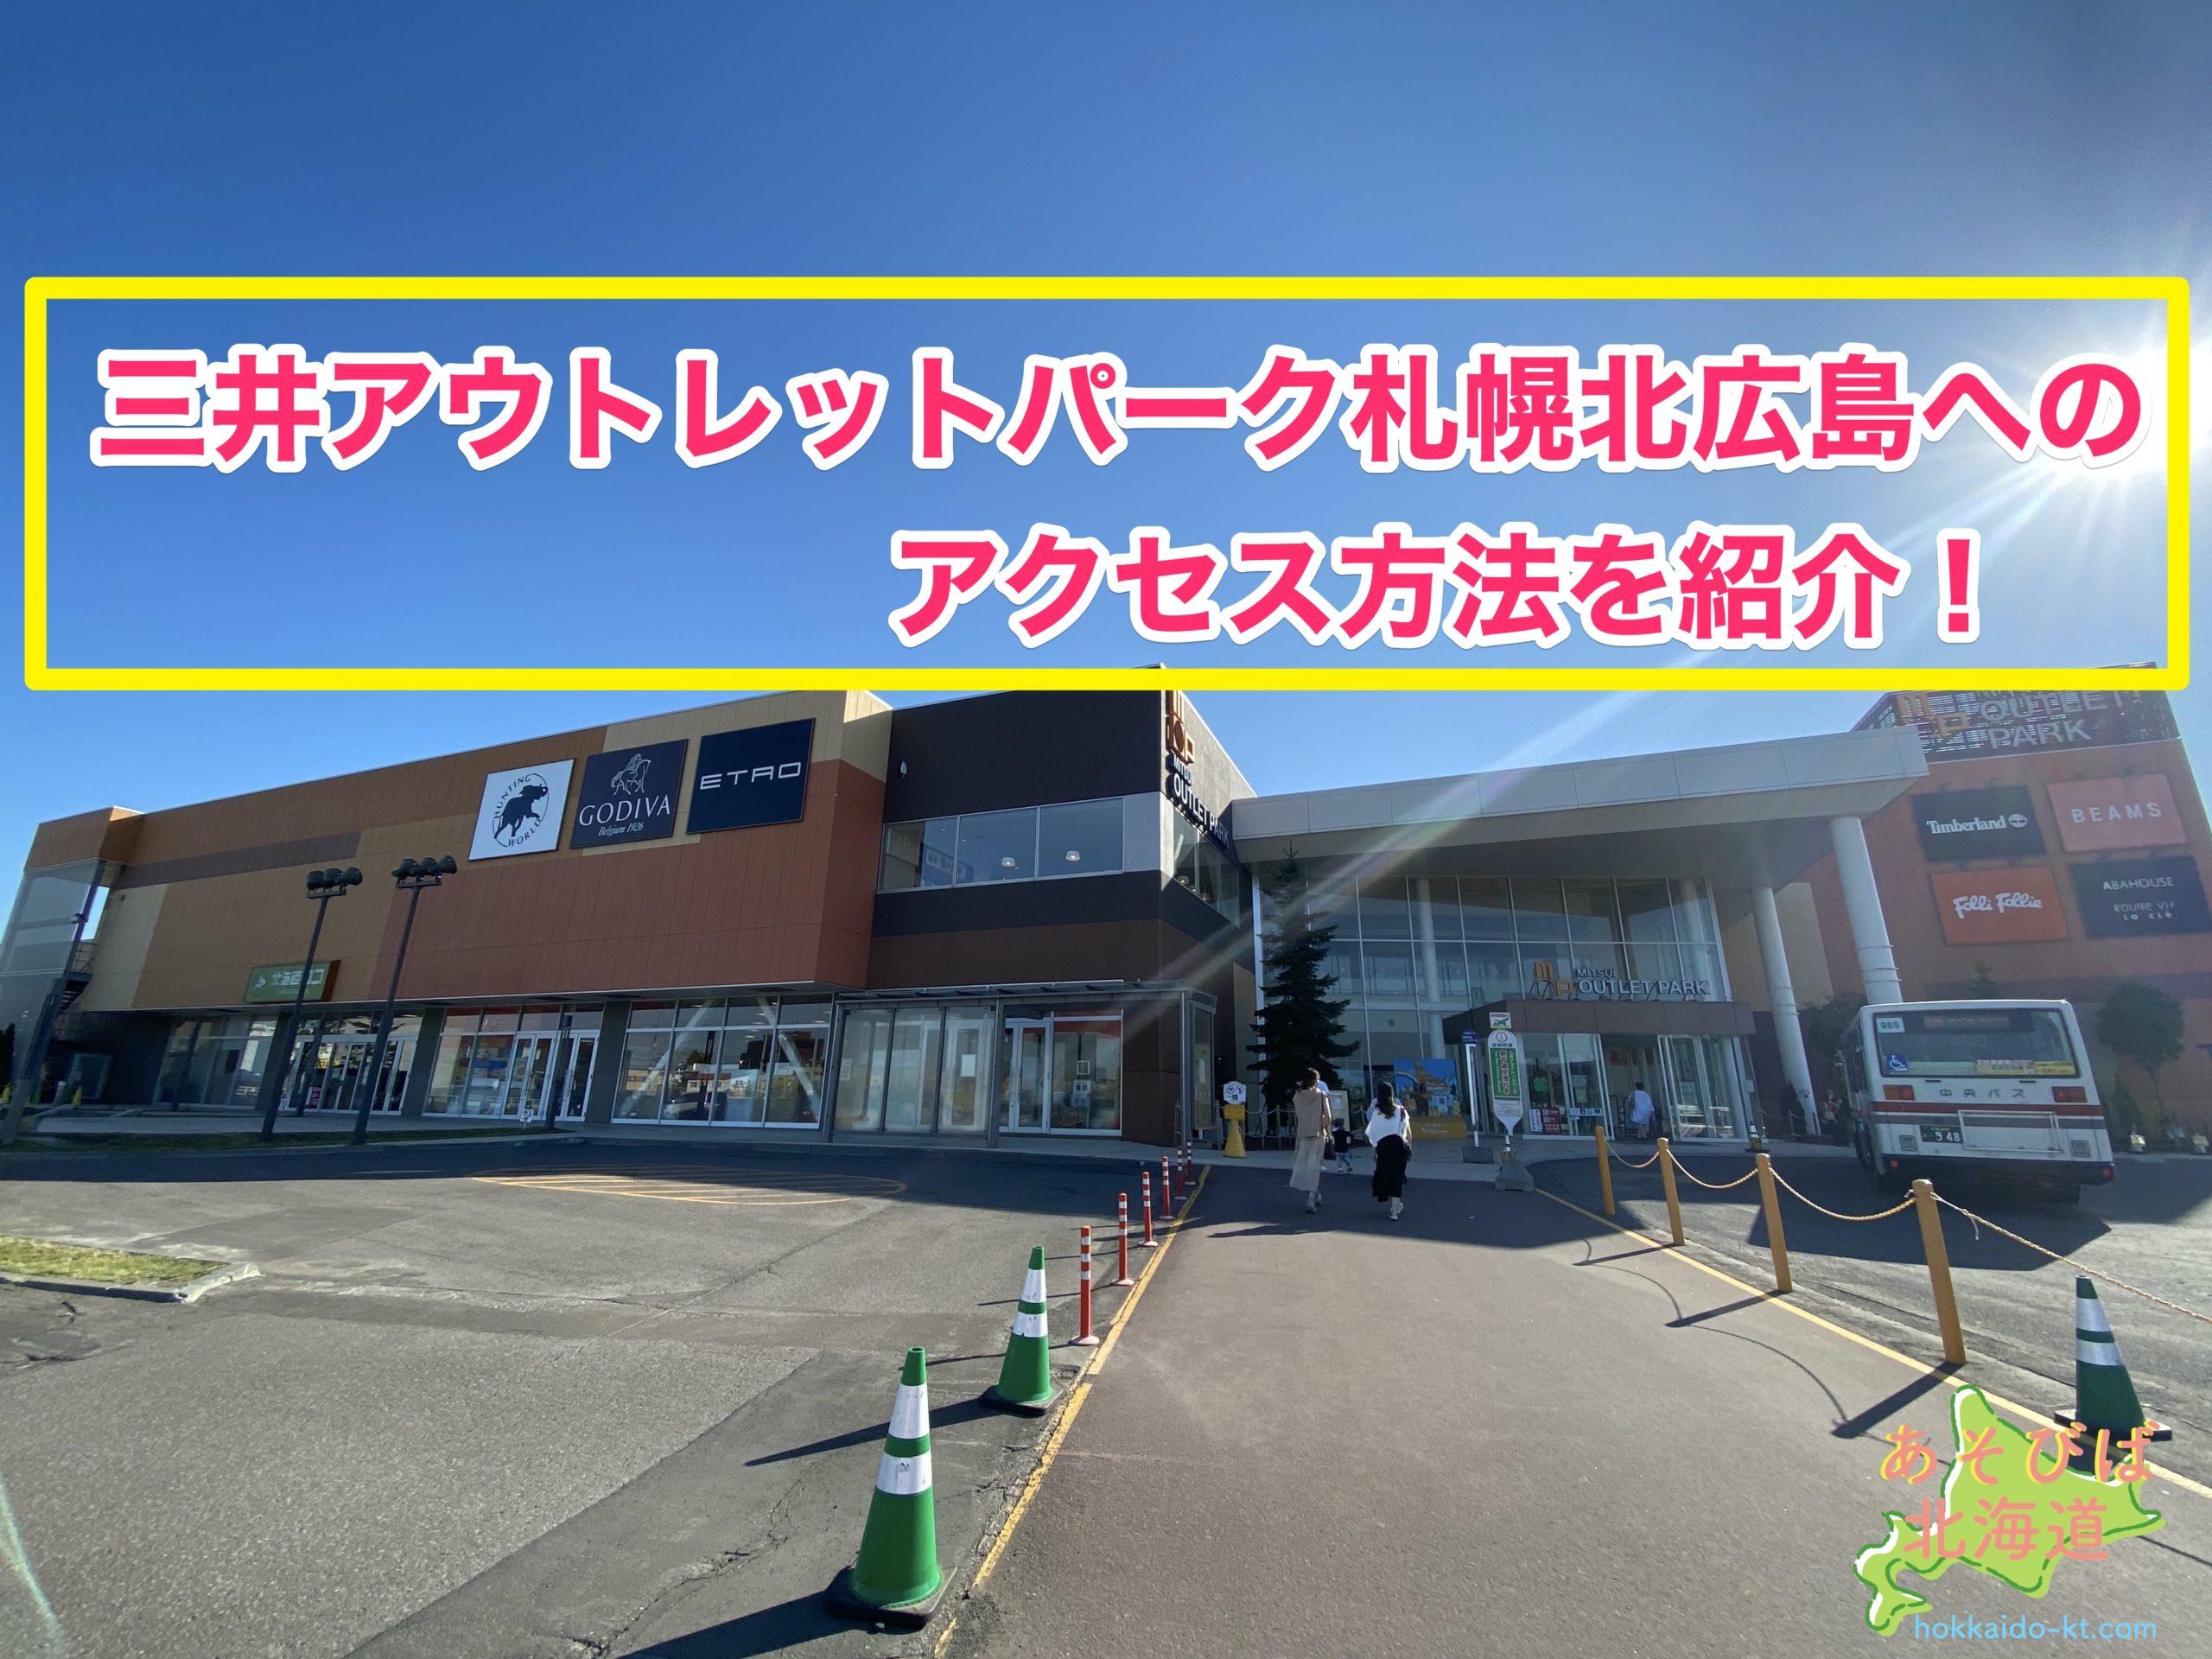 三井アウトレットパーク札幌北広島へのアクセス方法を紹介